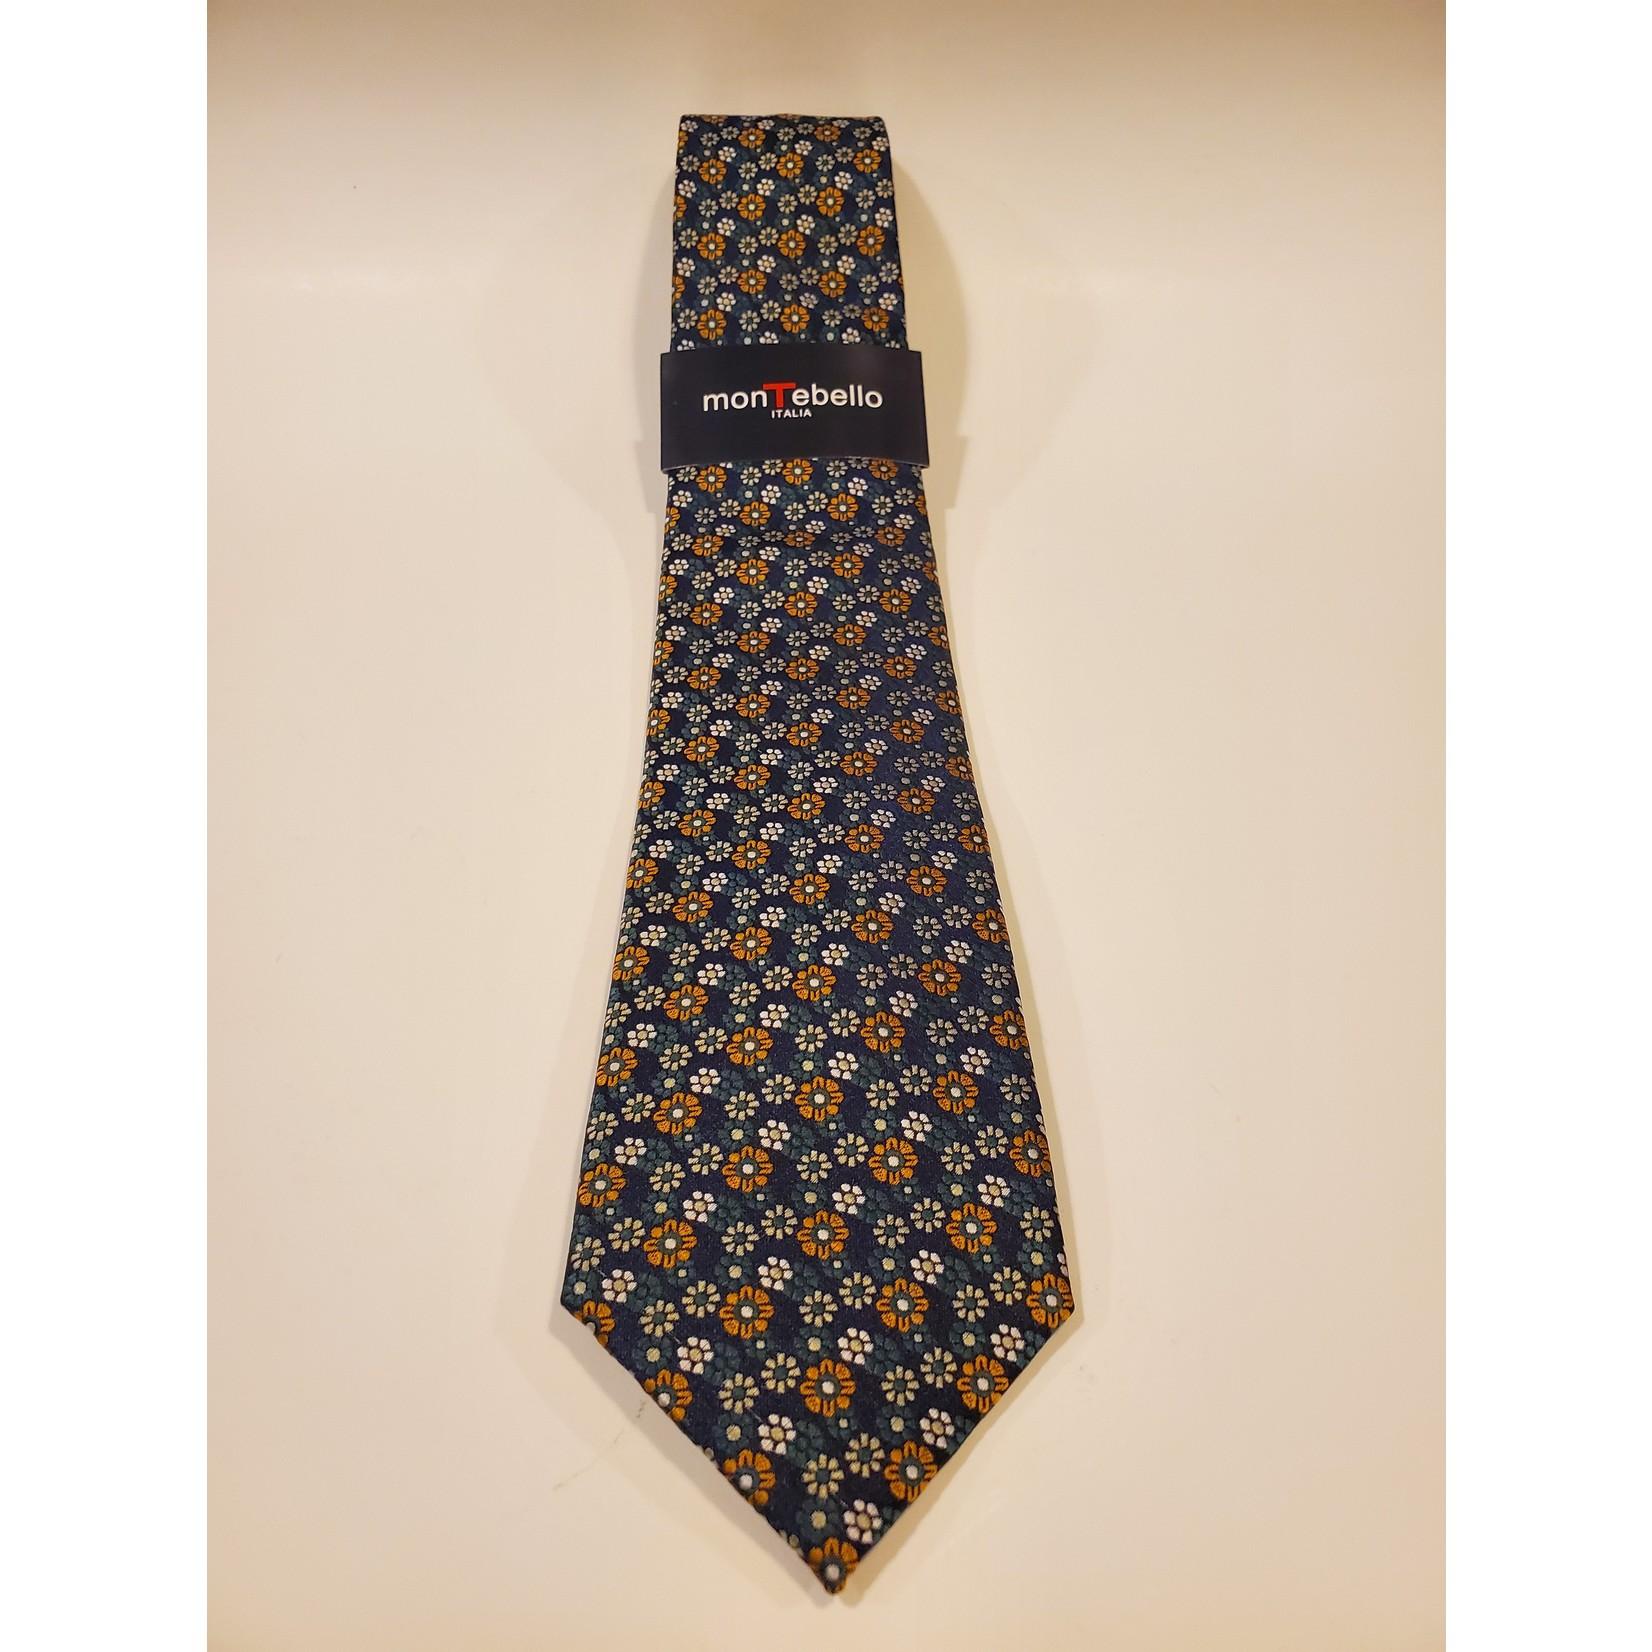 Montebello 1611A Jacquard Silk Tie - Green Micro Floral Pattern